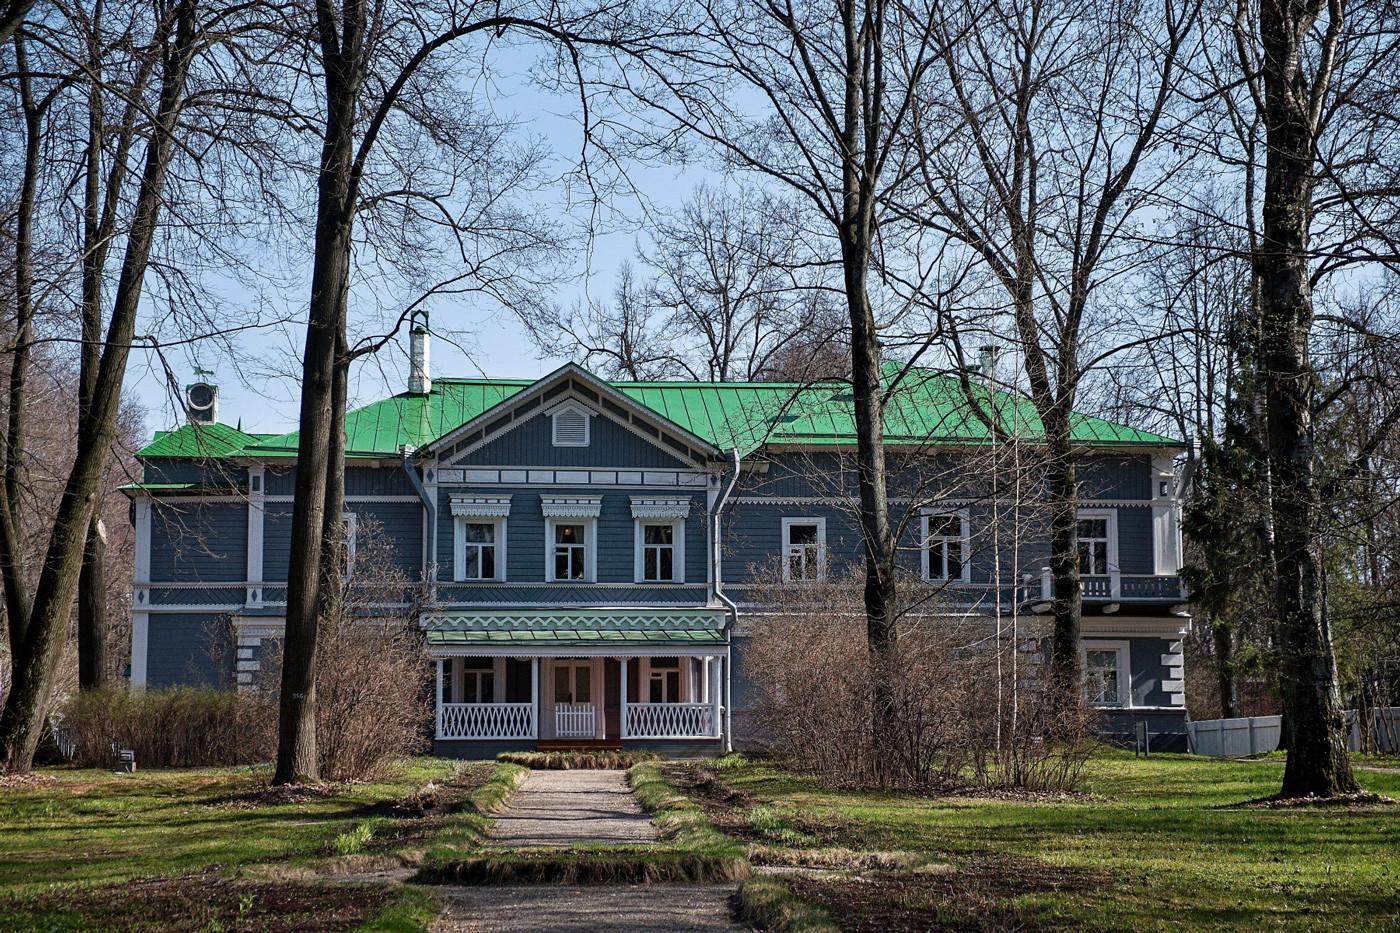 Kuća-muzej P. Čajkovskog, Klin, Rusija